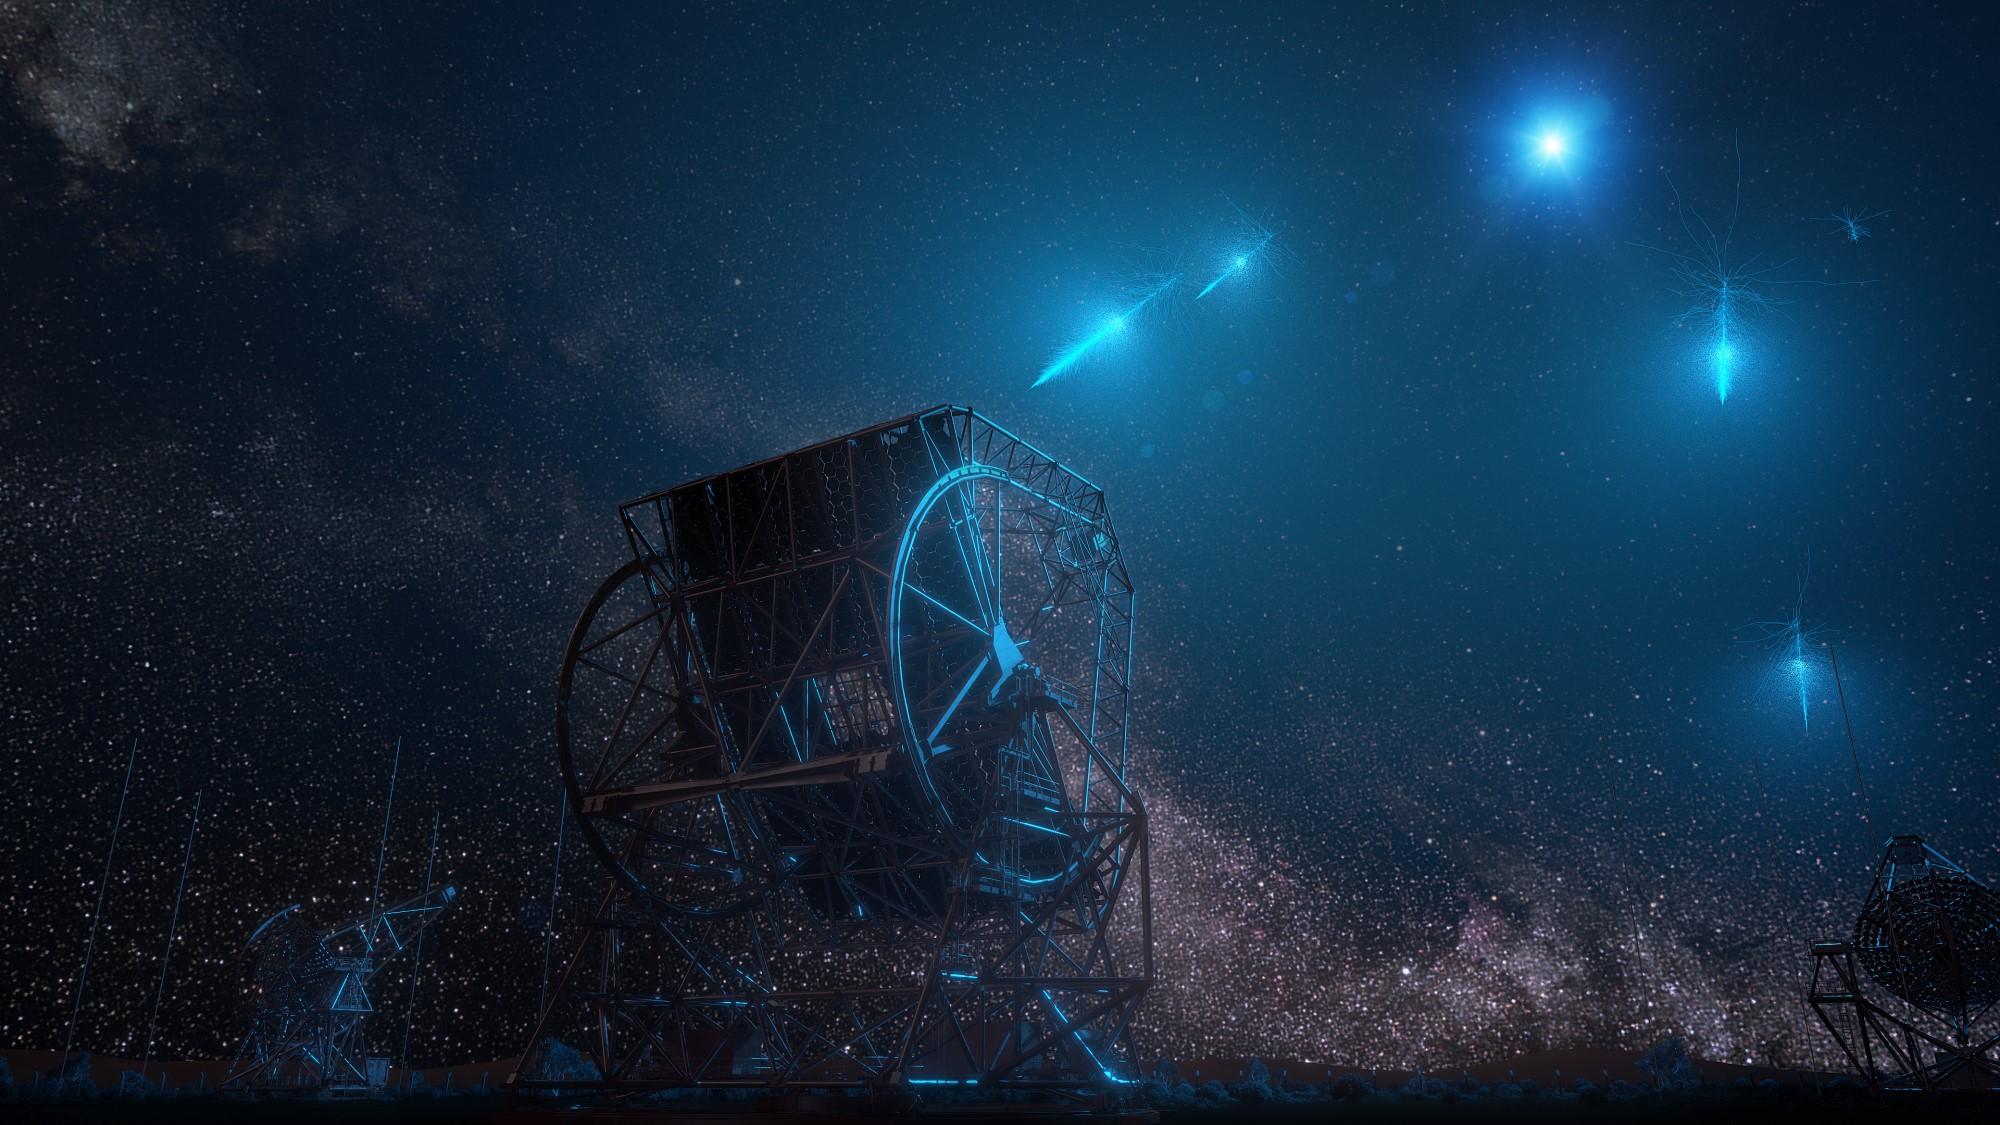 Représentation d'un artiste de photons à très haute énergie provenant d'un sursaut de rayons gamma entrant dans l'atmosphère terrestre et détectés par le système stéréoscopique à haute énergie en Namibie.